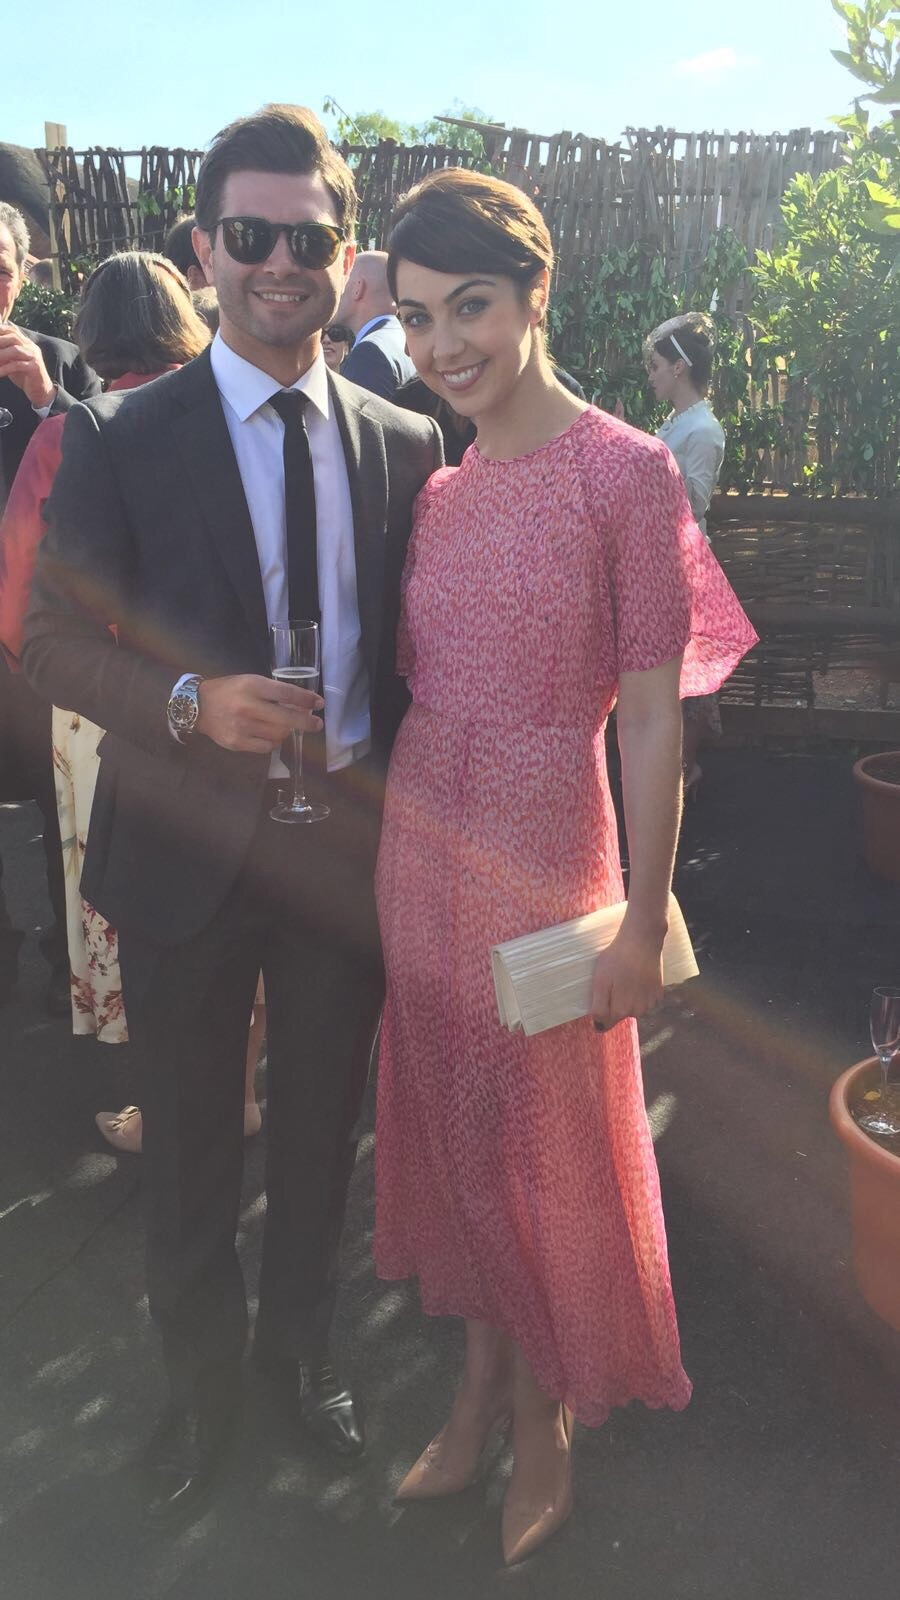 Paul & Leanne  Leannes Dress- http://www.lkbennett.com